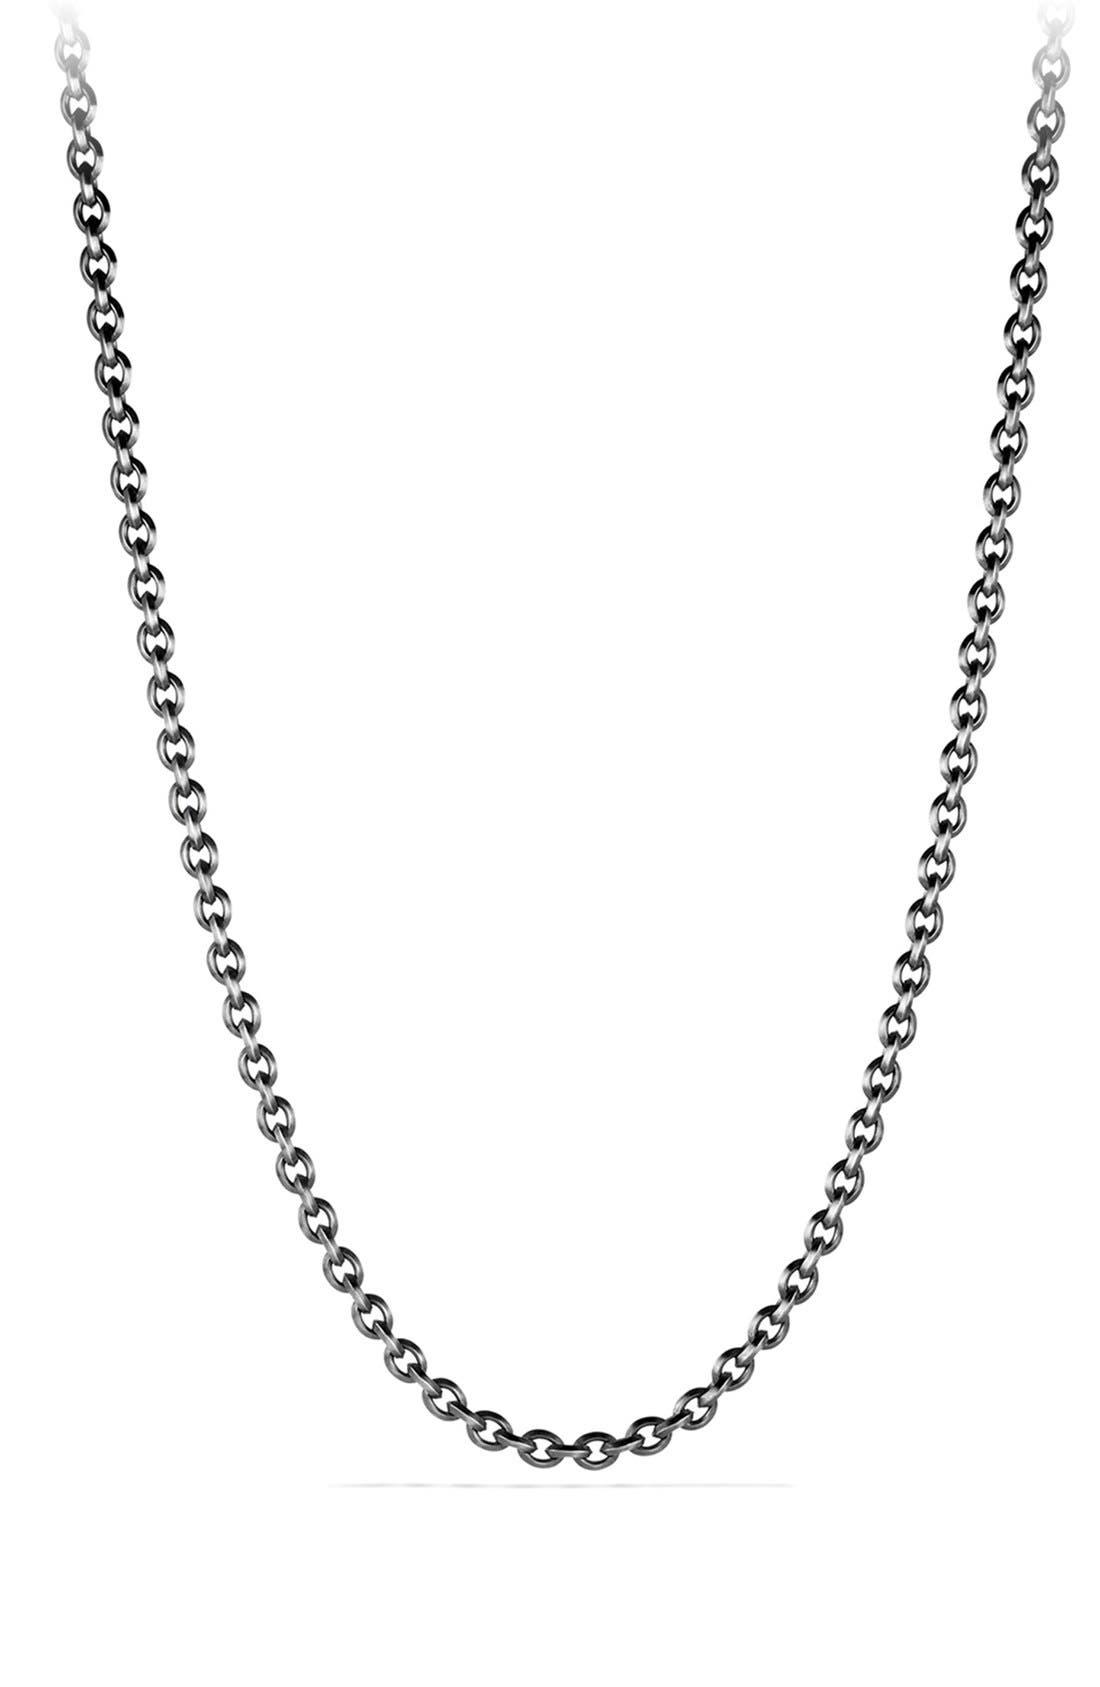 Main Image - David Yurman 'Knife Edge' Chain Necklace